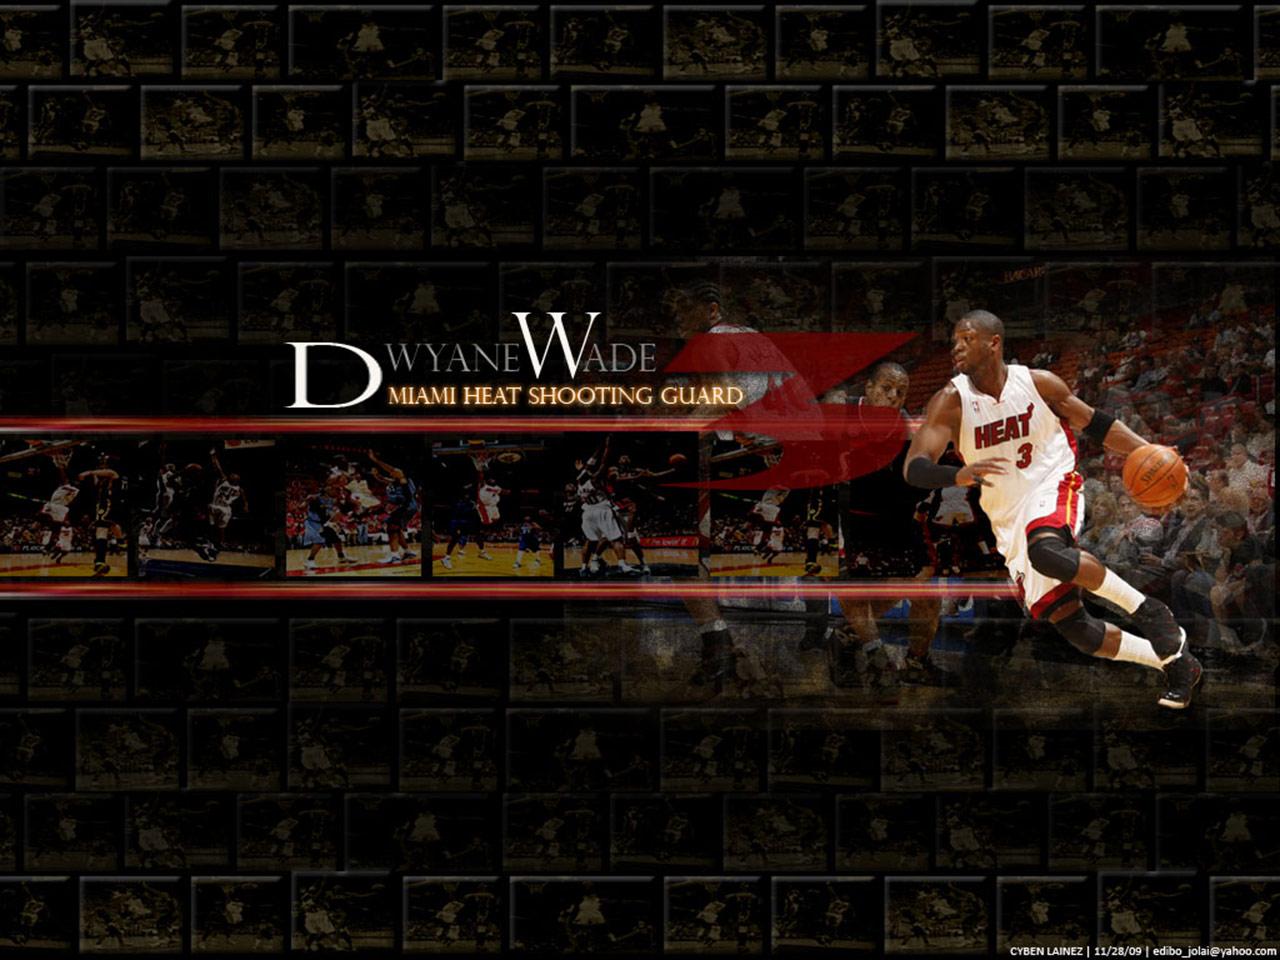 Dwyane Wade Miami Heat Top Shooting Guard the Flash Man NBA 1280x960